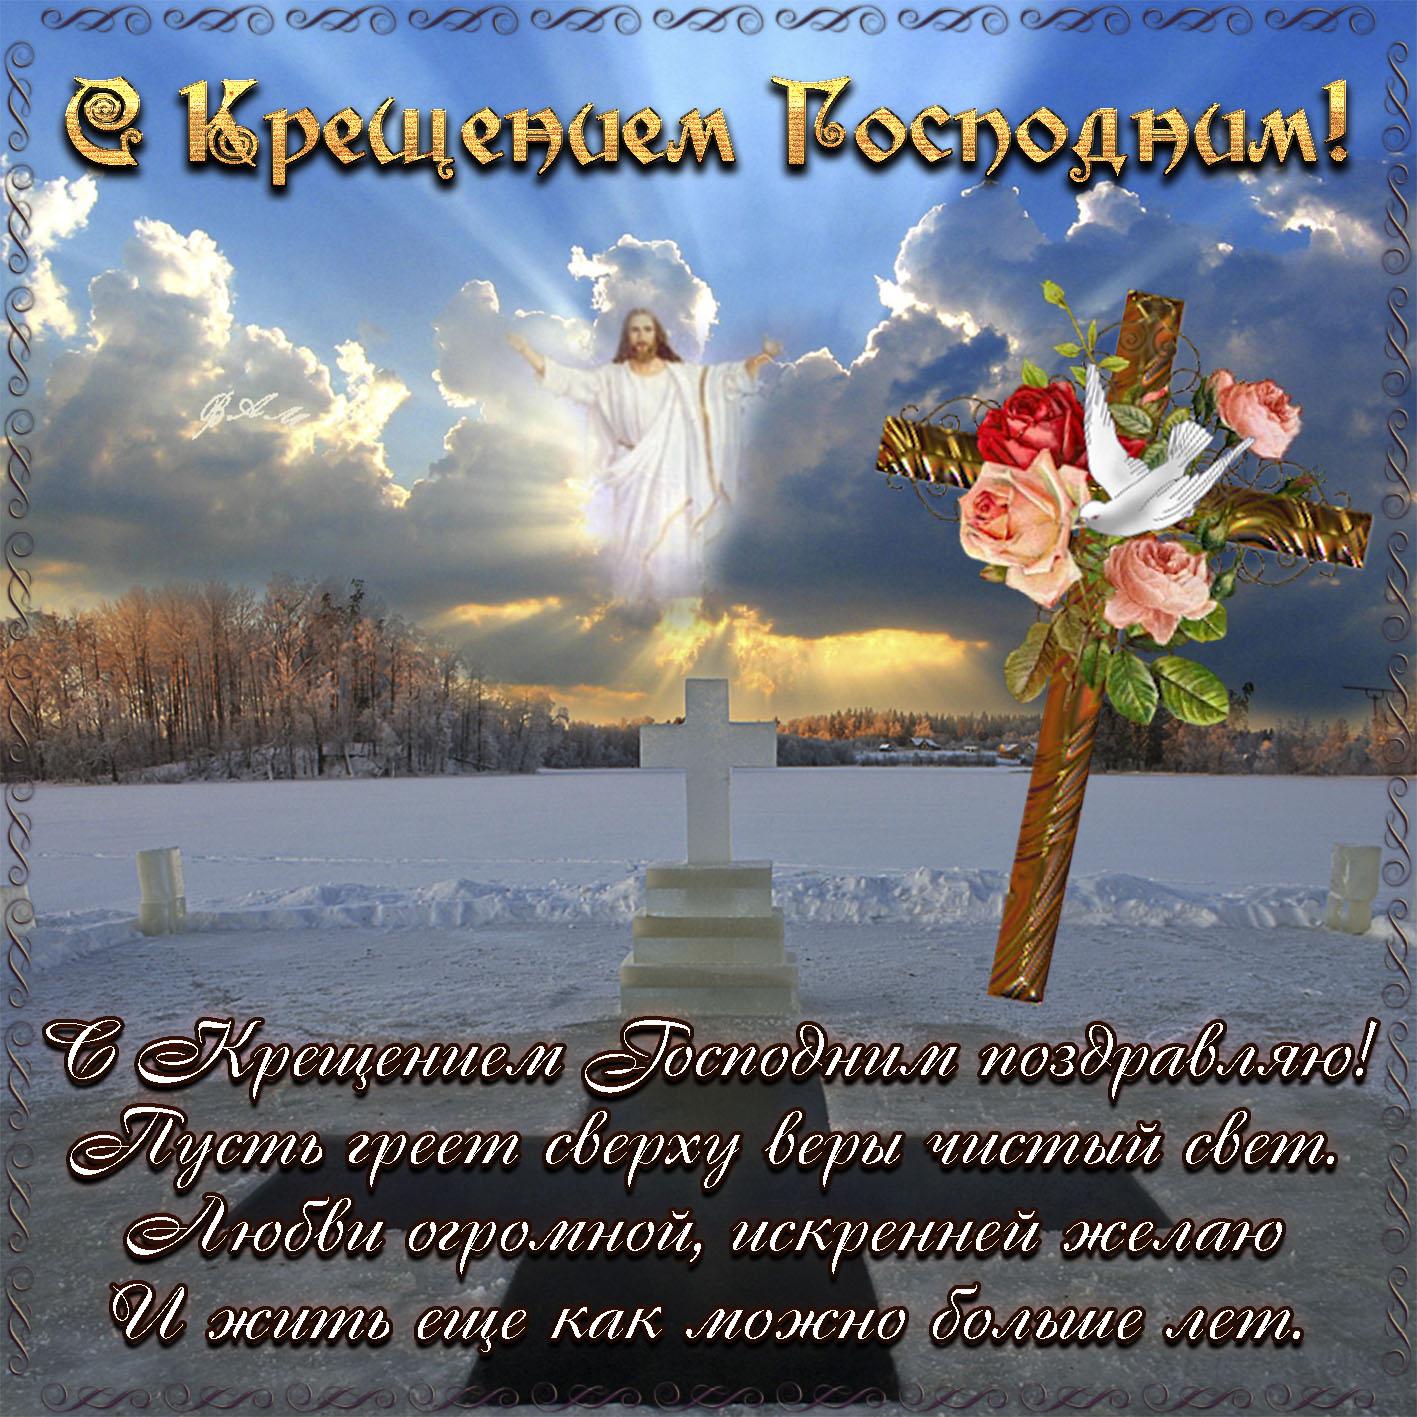 Картинки с крещением господня картинки